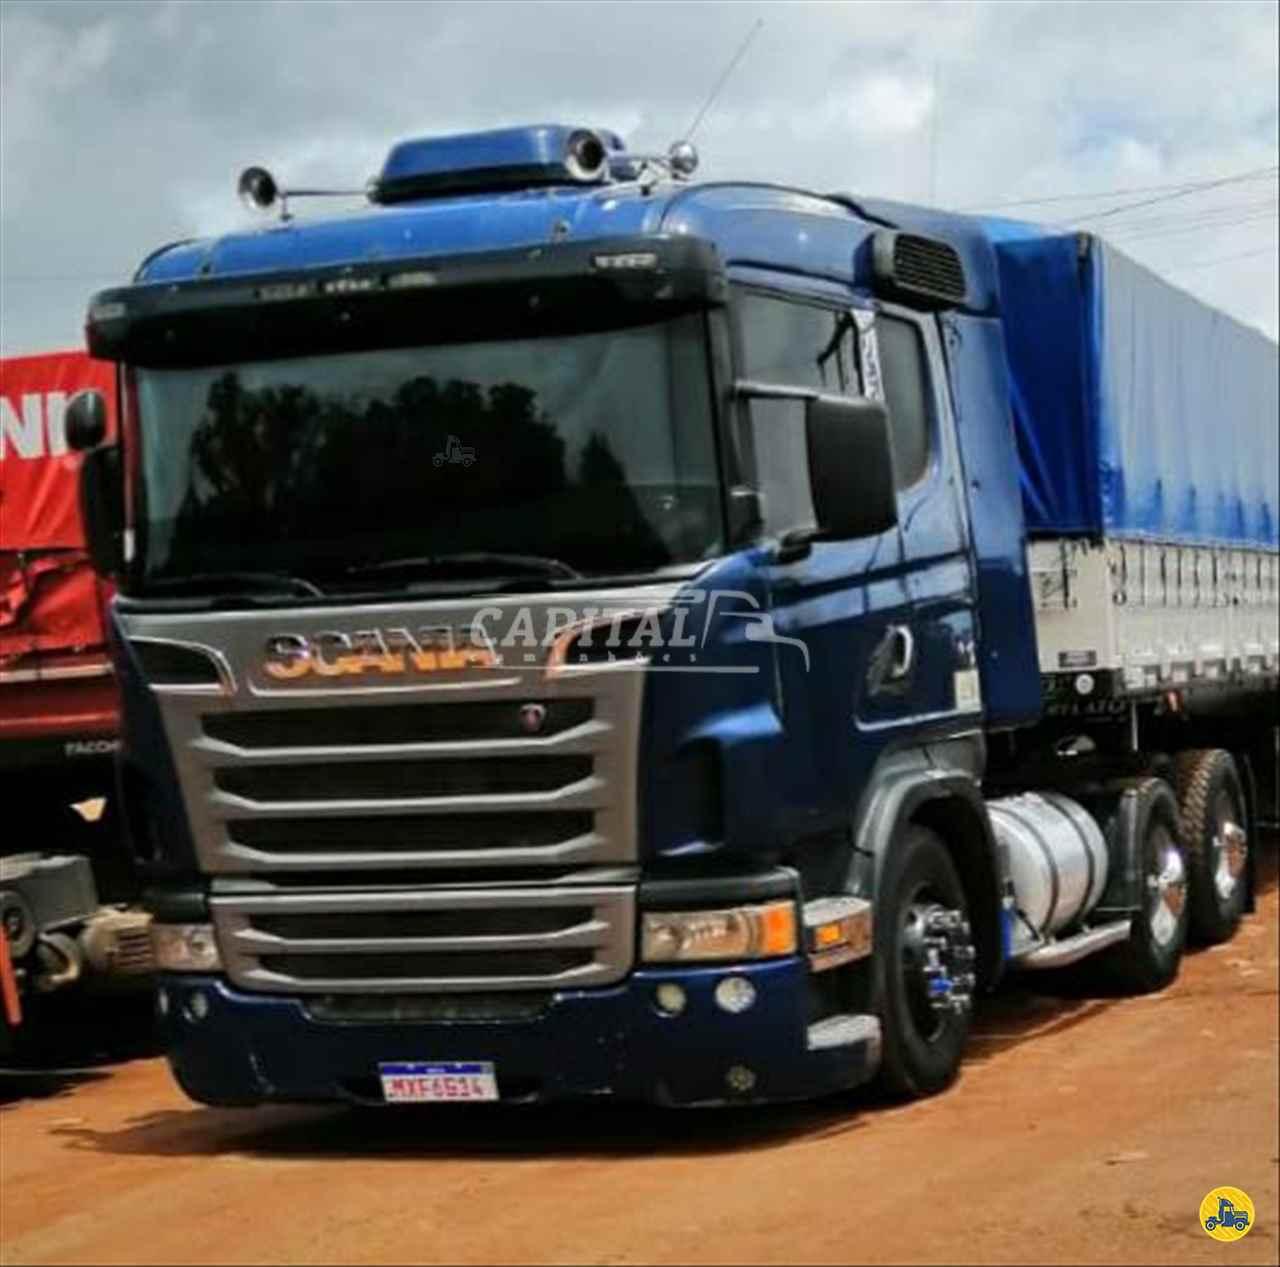 CAMINHAO SCANIA SCANIA 470 Capital Caminhões - Metalesp e Recrusul  BRASILIA DISTRITO FEDERAL DF